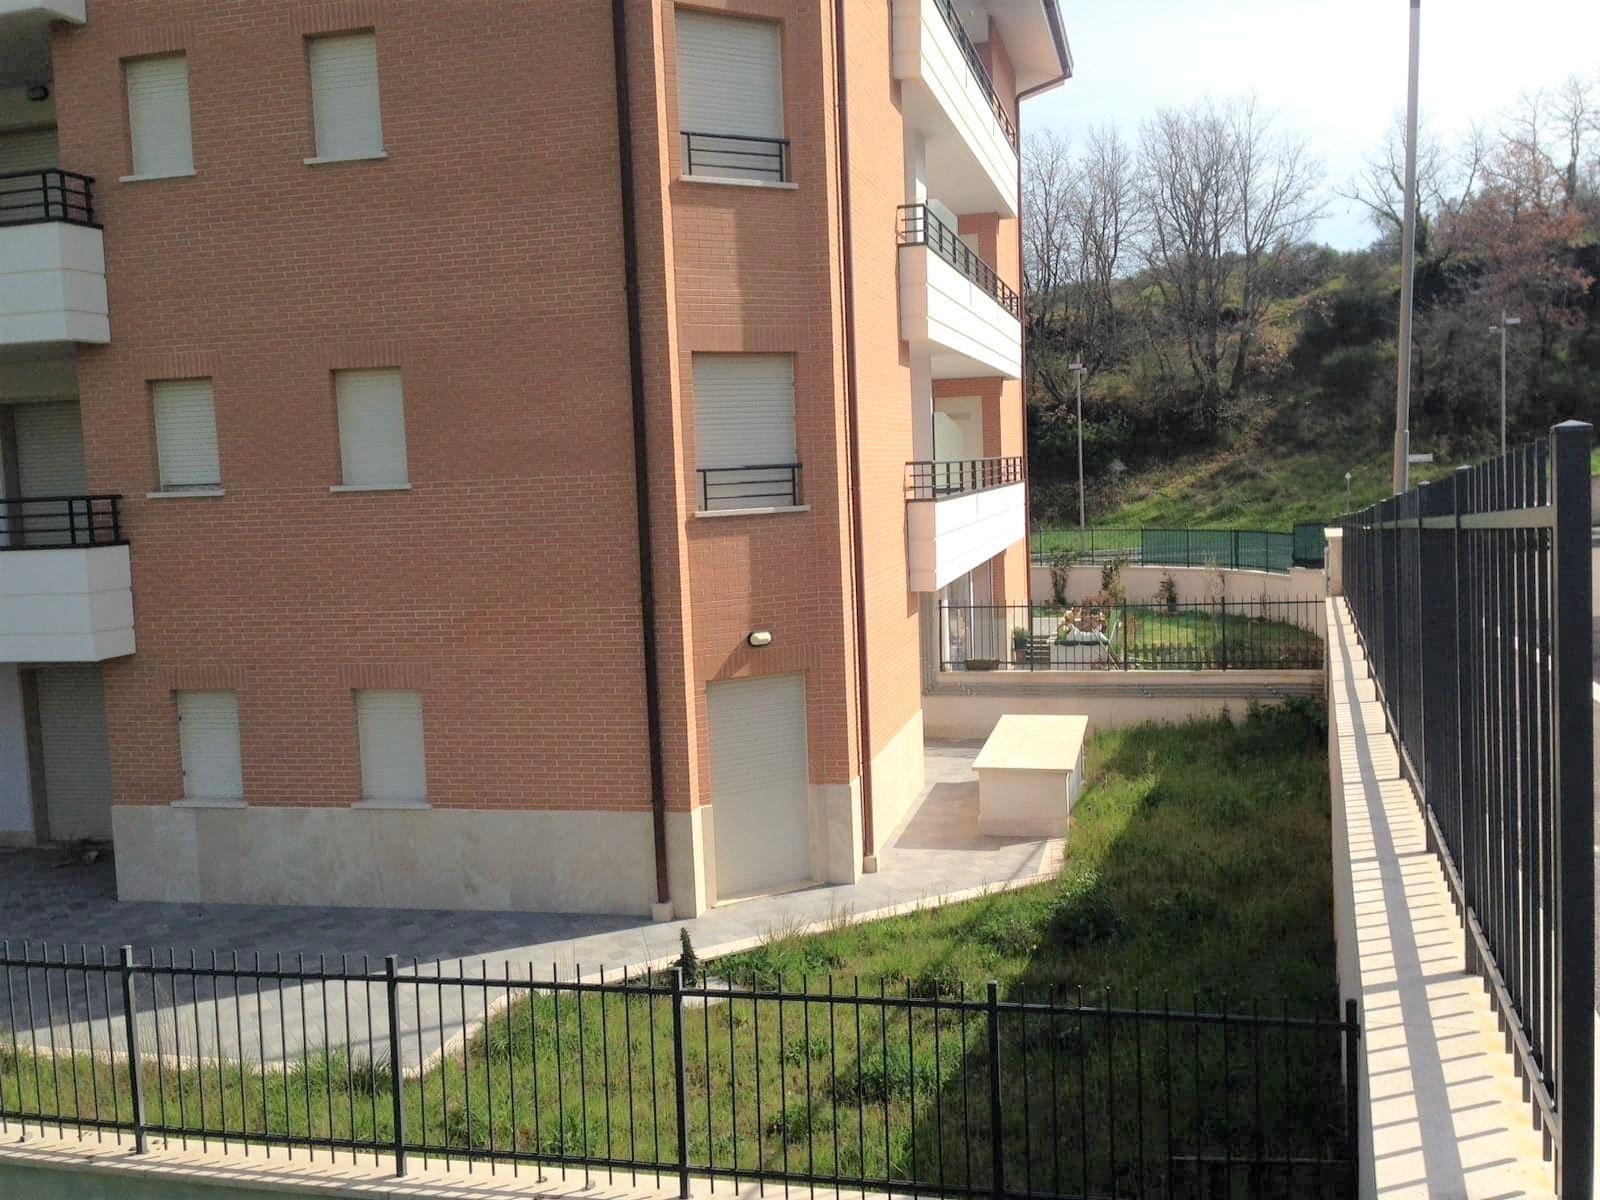 Appartamento in vendita a Viterbo, 3 locali, zona Località: LaQuercia, prezzo € 169.000 | CambioCasa.it